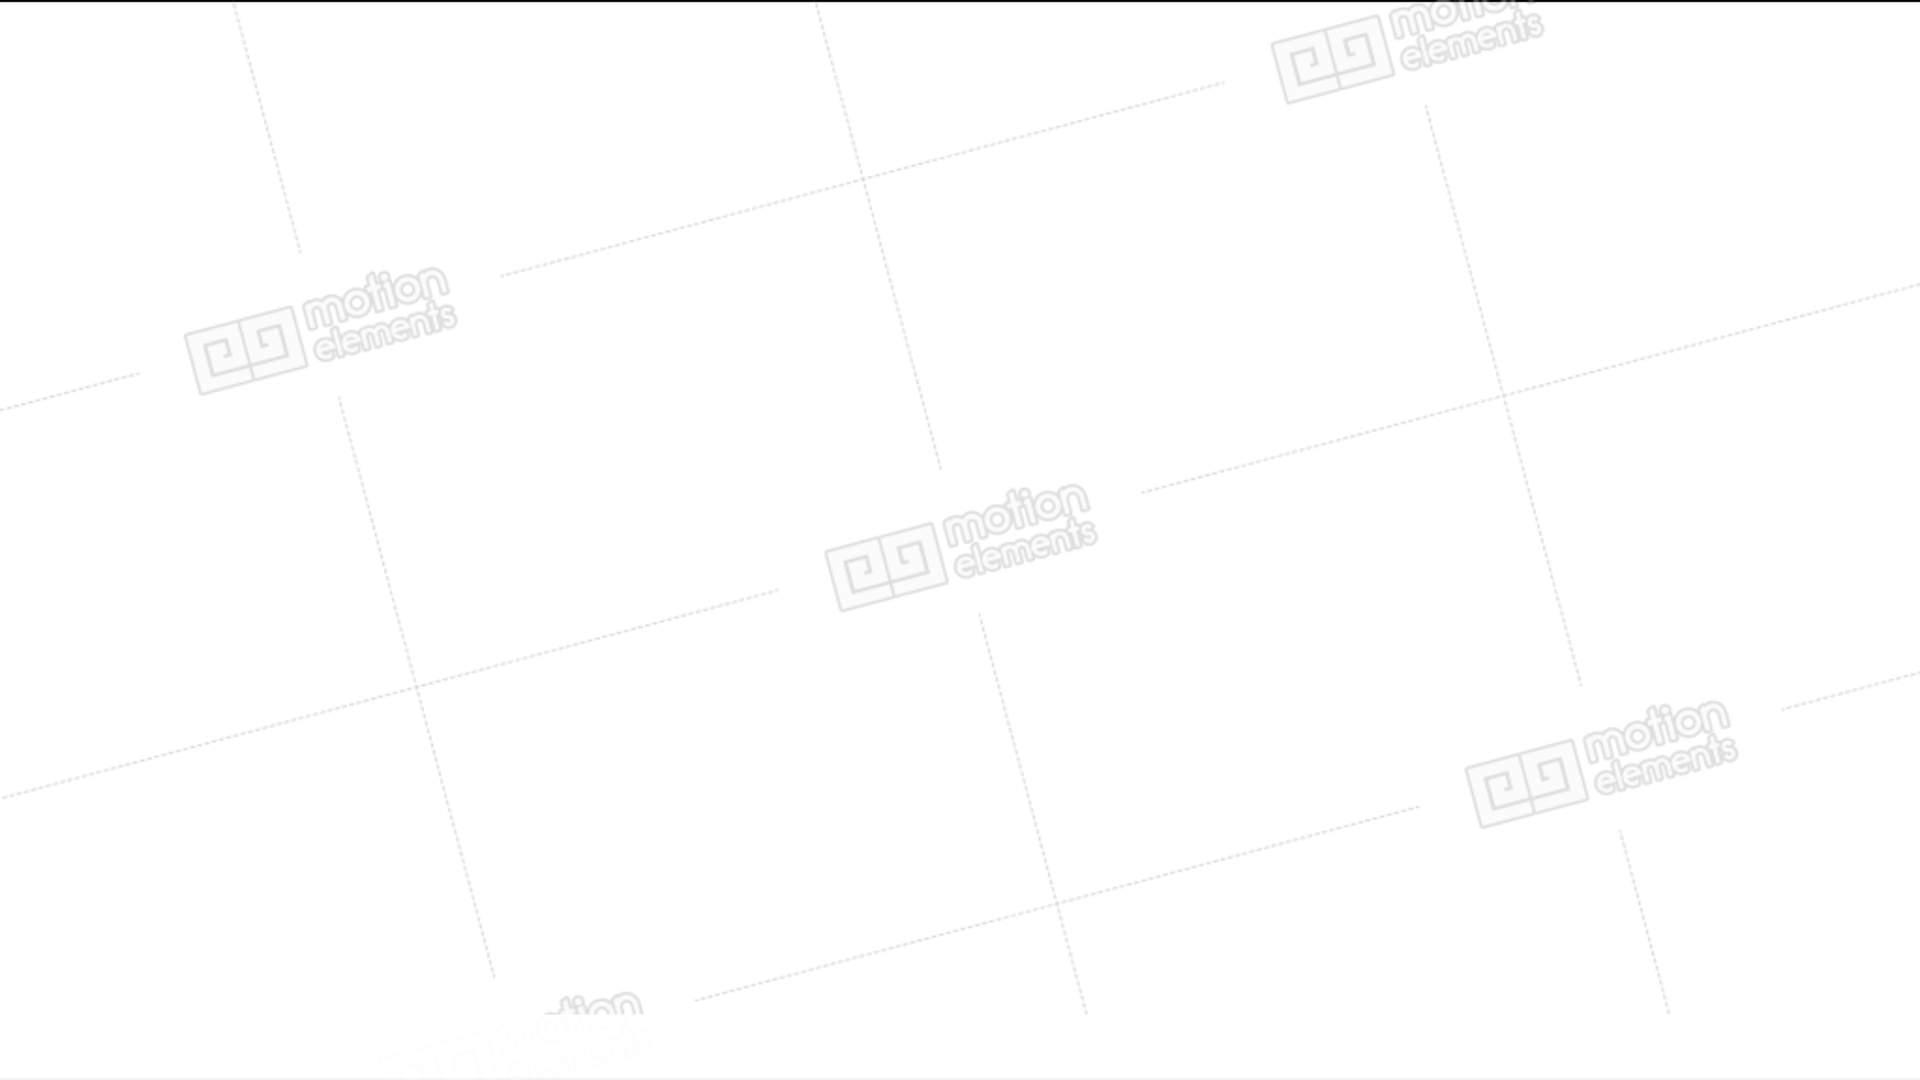 Ausgezeichnet Bilderrahmenplan Treppenwand Galerie - Rahmen Ideen ...